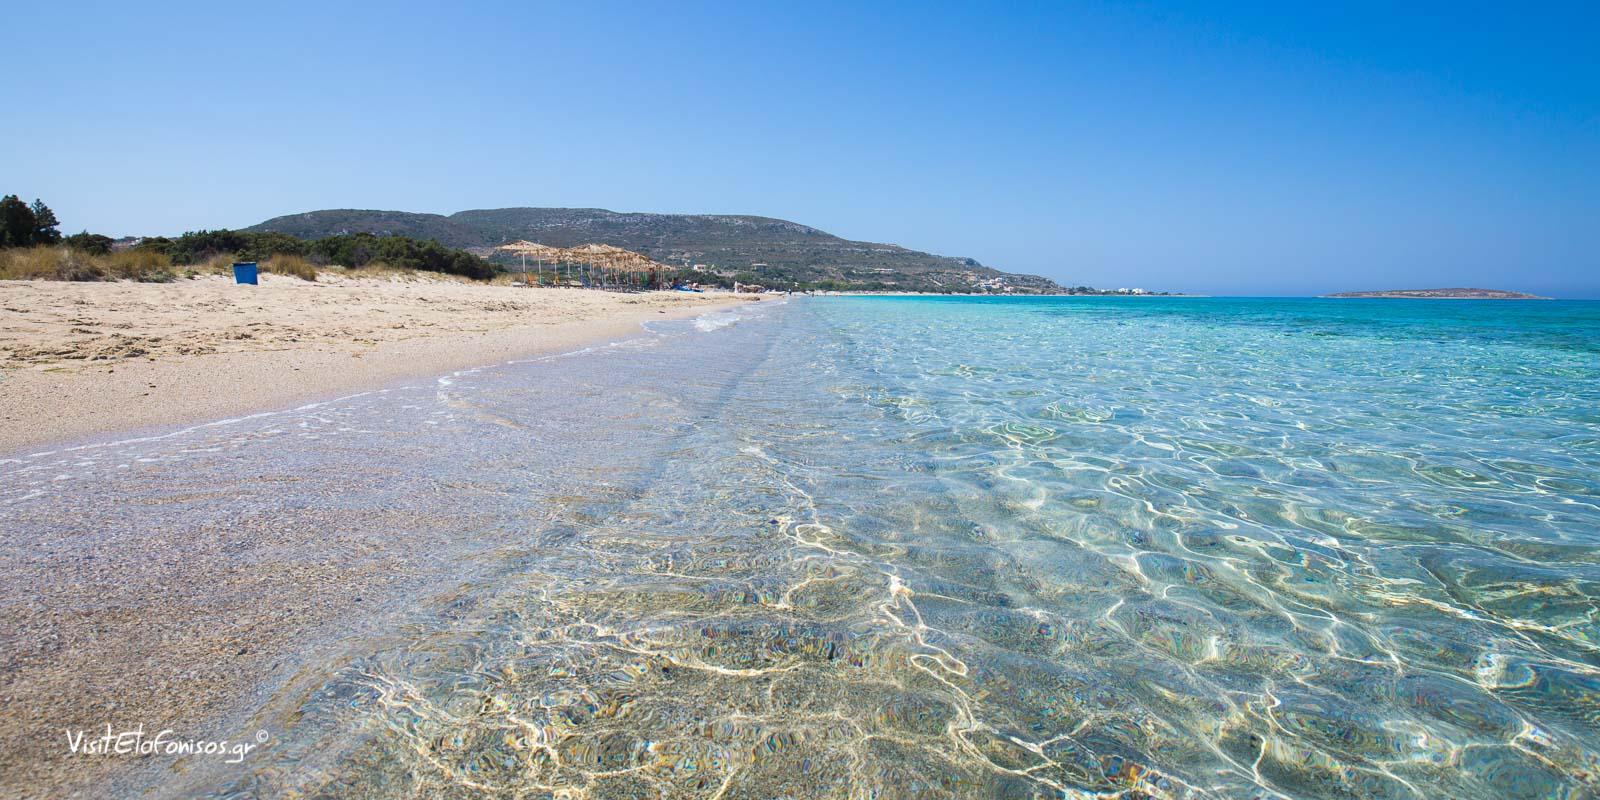 Panagia beach - παραλία Παναγίας